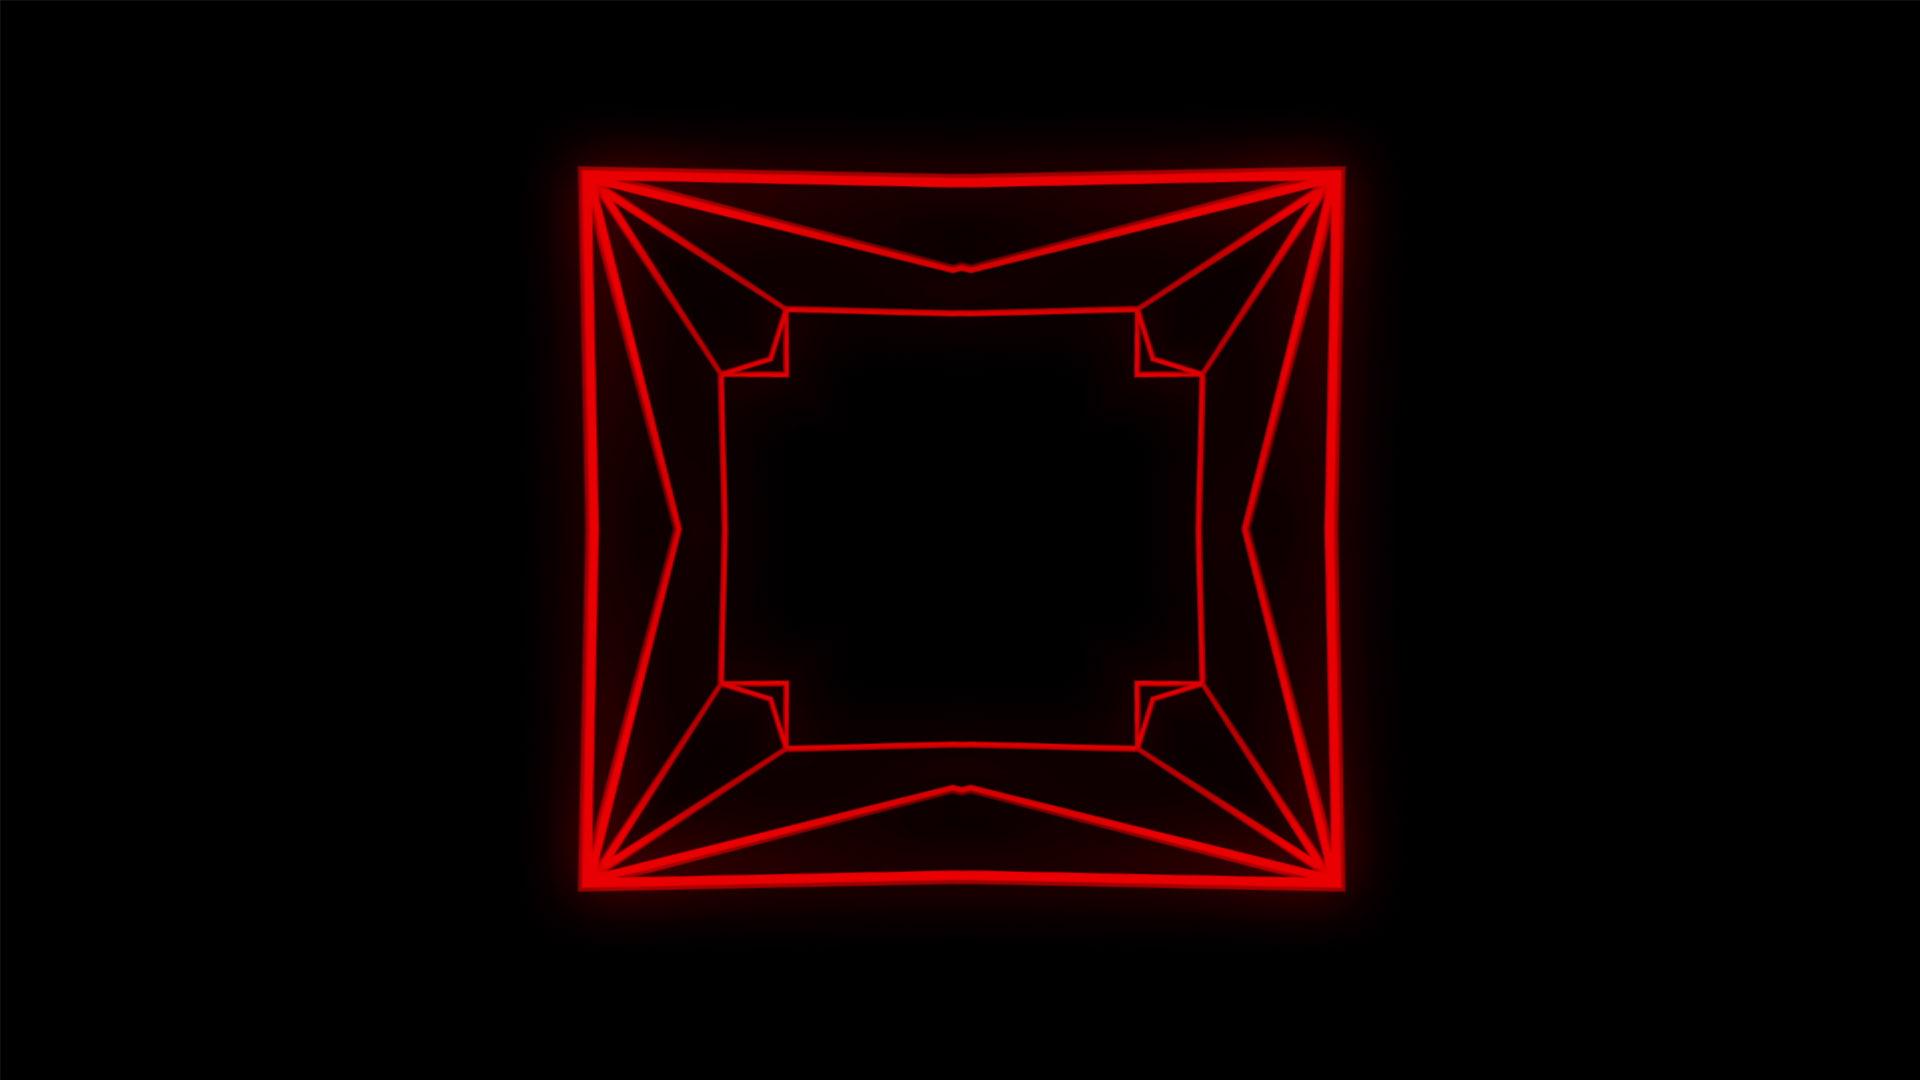 Visuals-Smart-Lines-VJ_Loops